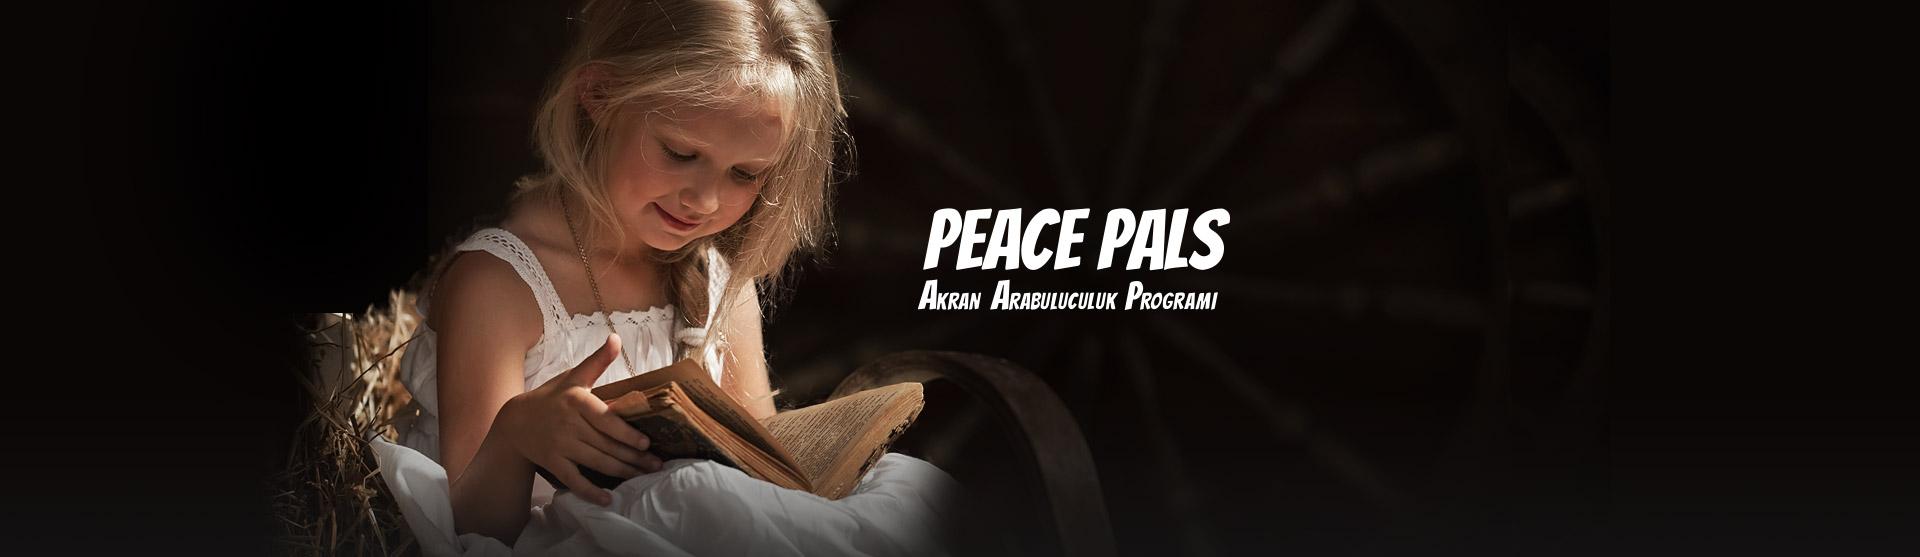 peace-pals-header-bg